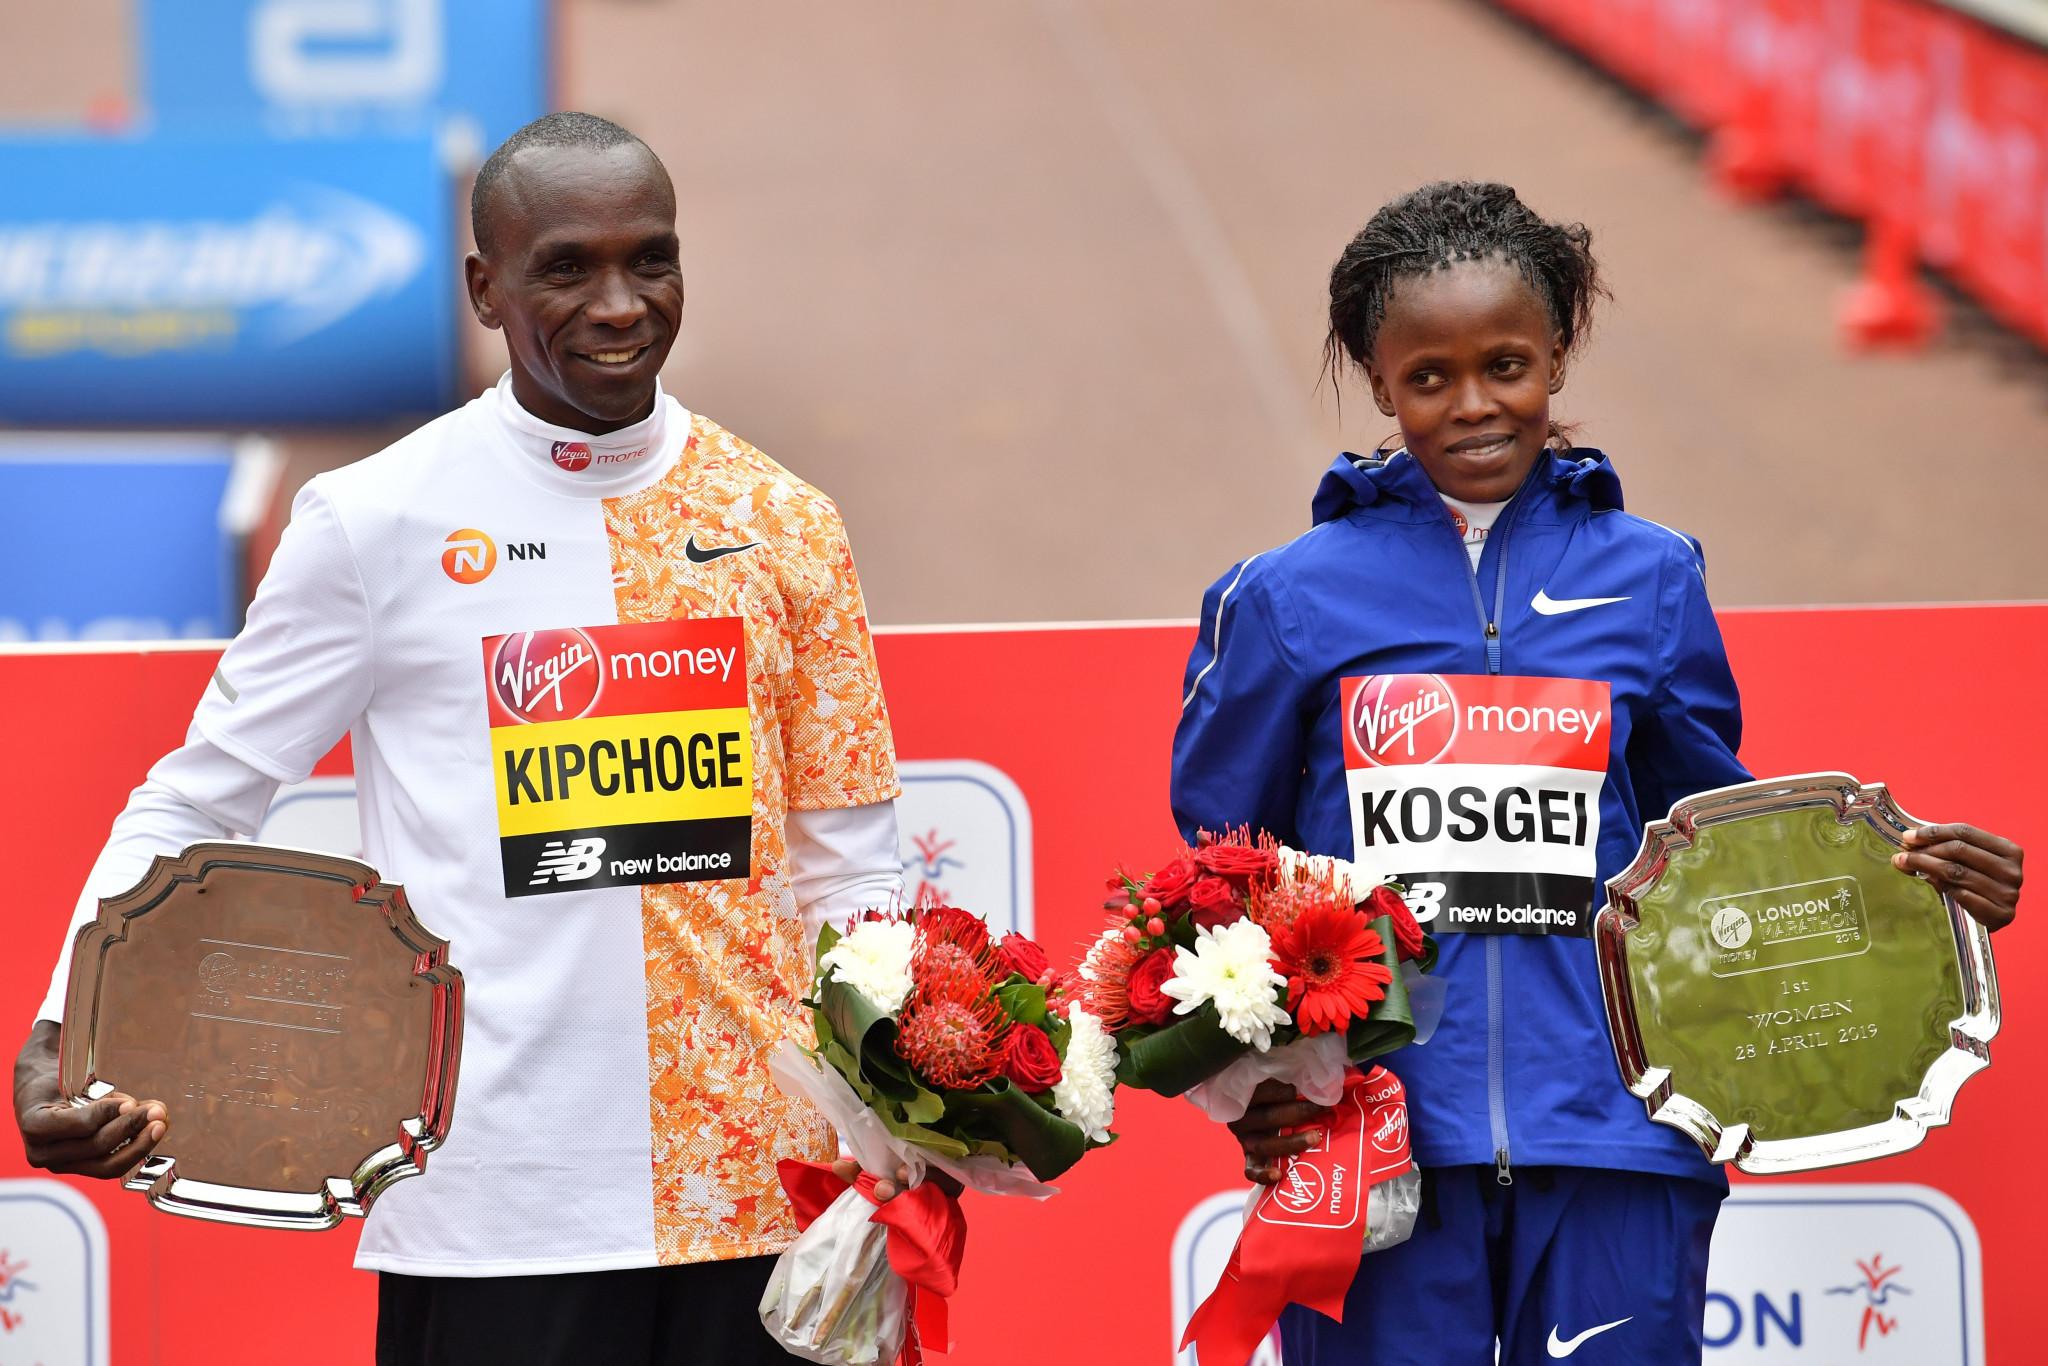 Kenyan double in elite races as thousands tackle London Marathon course